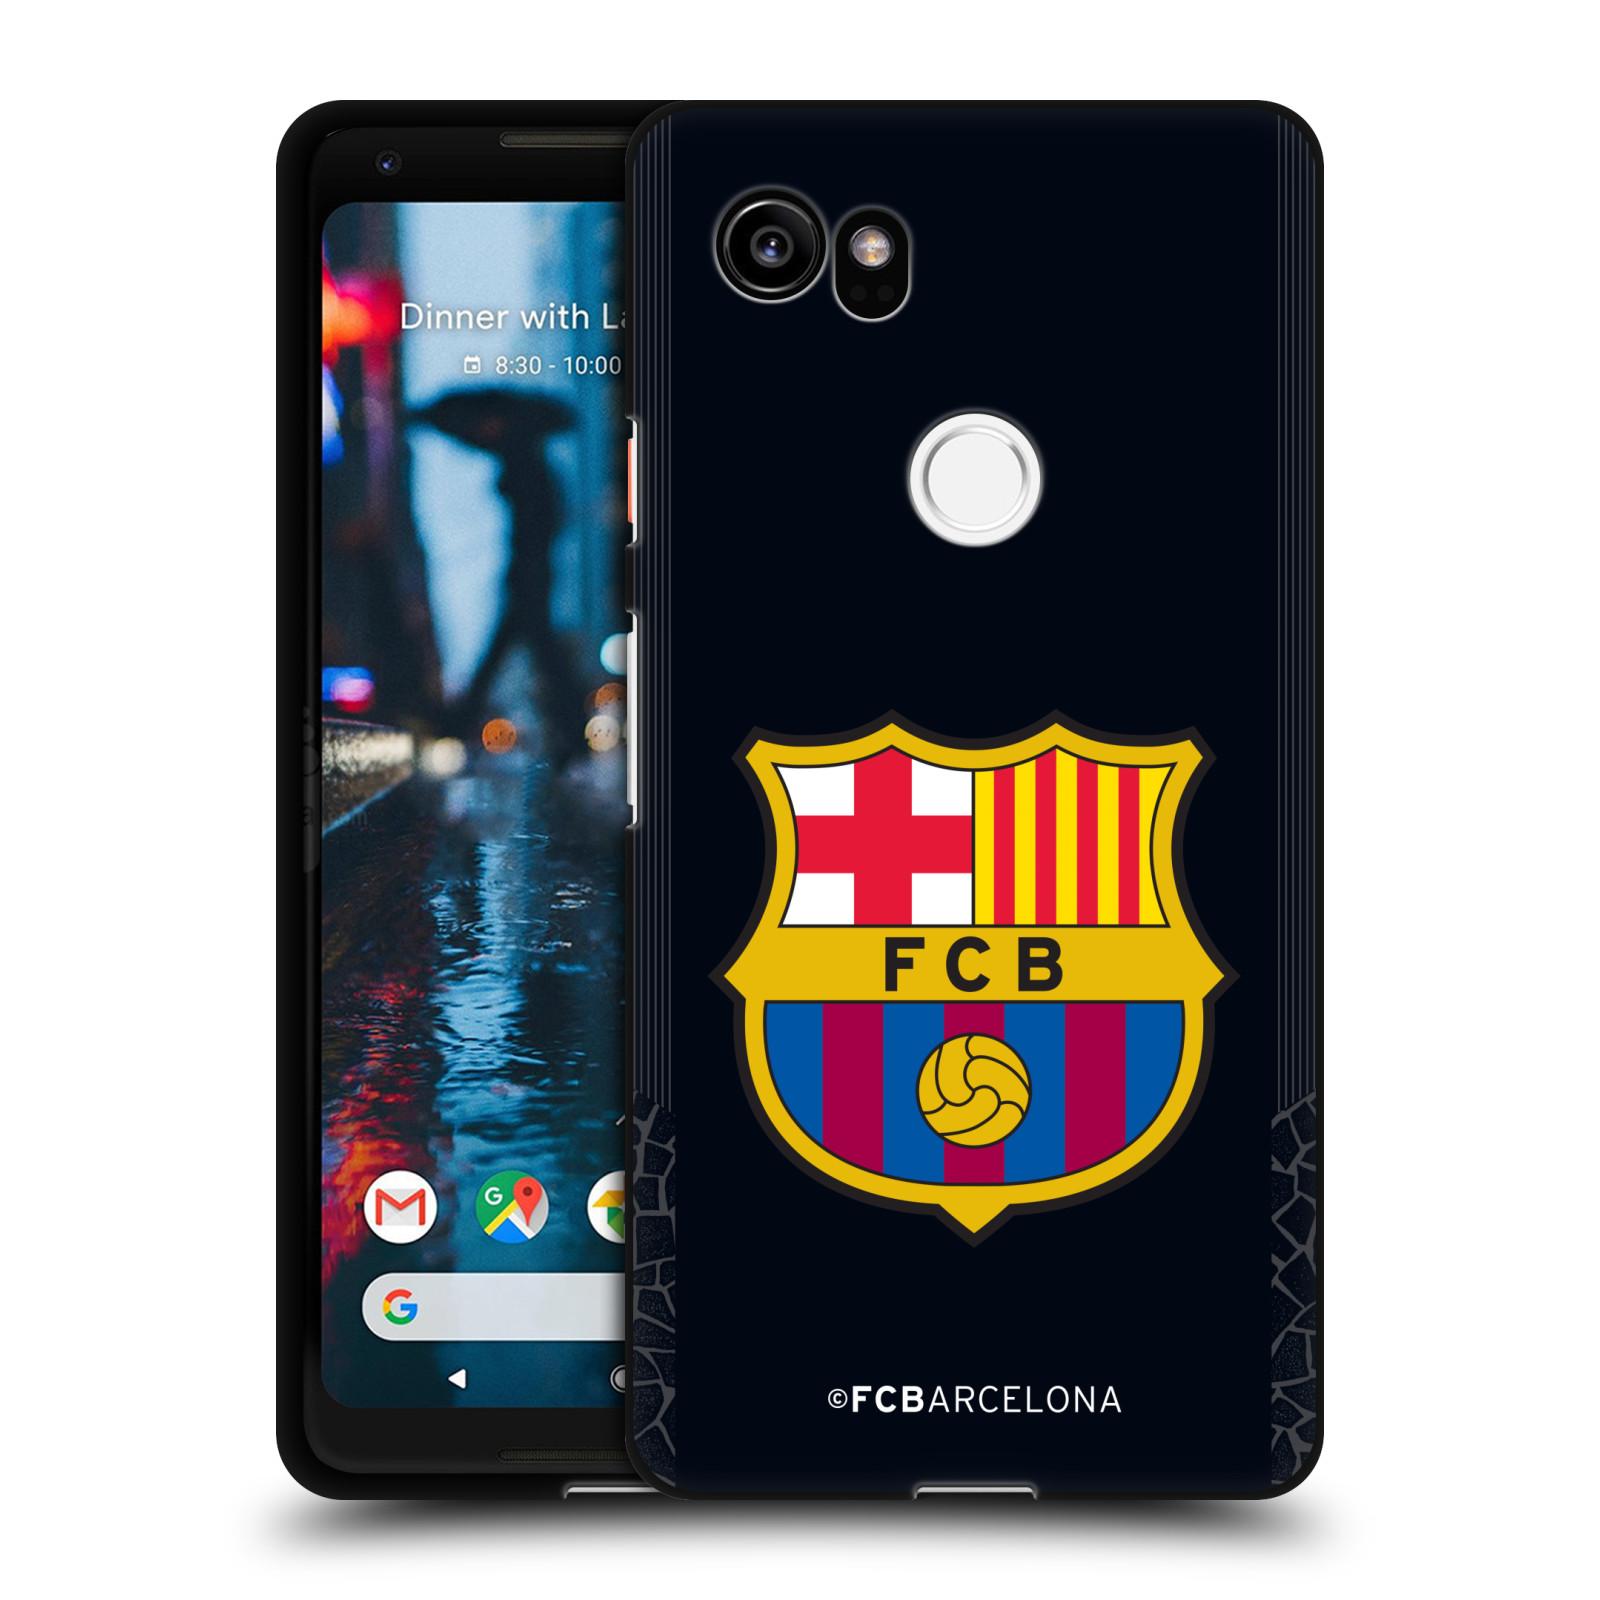 OFFICIAL-FC-BARCELONA-2017-18-CREST-KIT-BLACK-SOFT-GEL-CASE-FOR-GOOGLE-PHONES